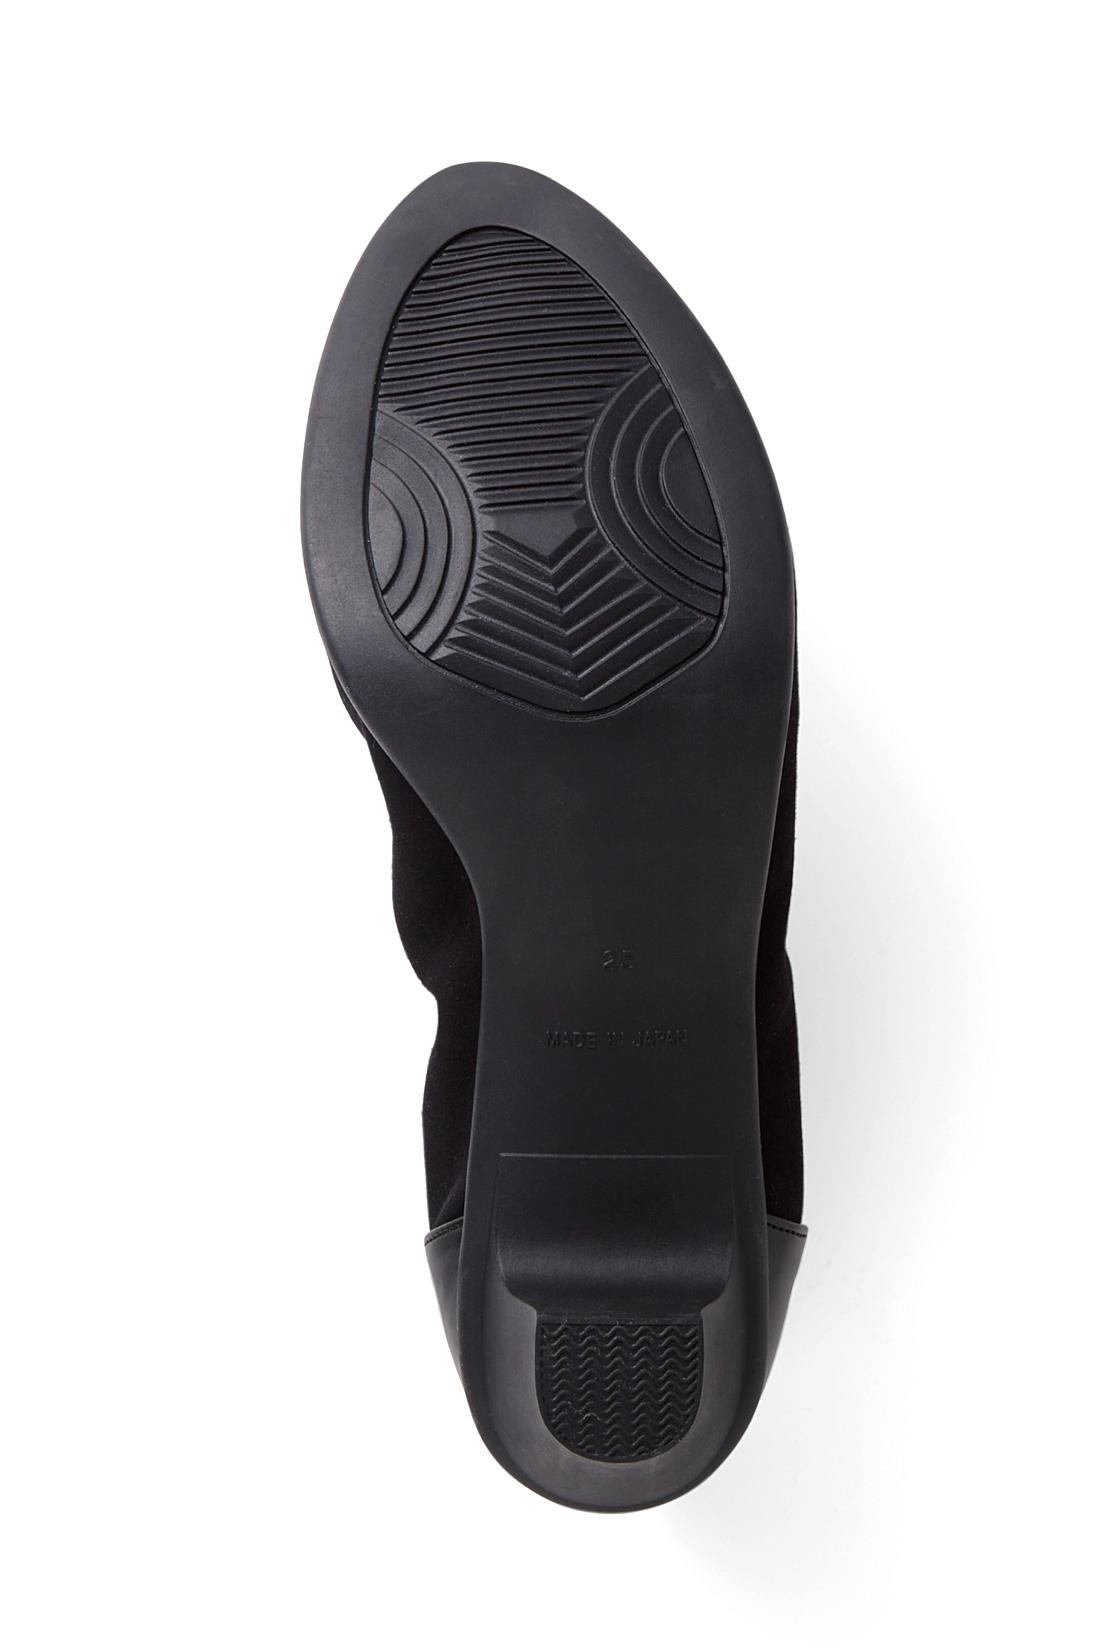 <スニーカー感覚>足の形に合わせたやわらかなゴム配合の一体型ソールなので、スニーカー感覚で履いていただけます。